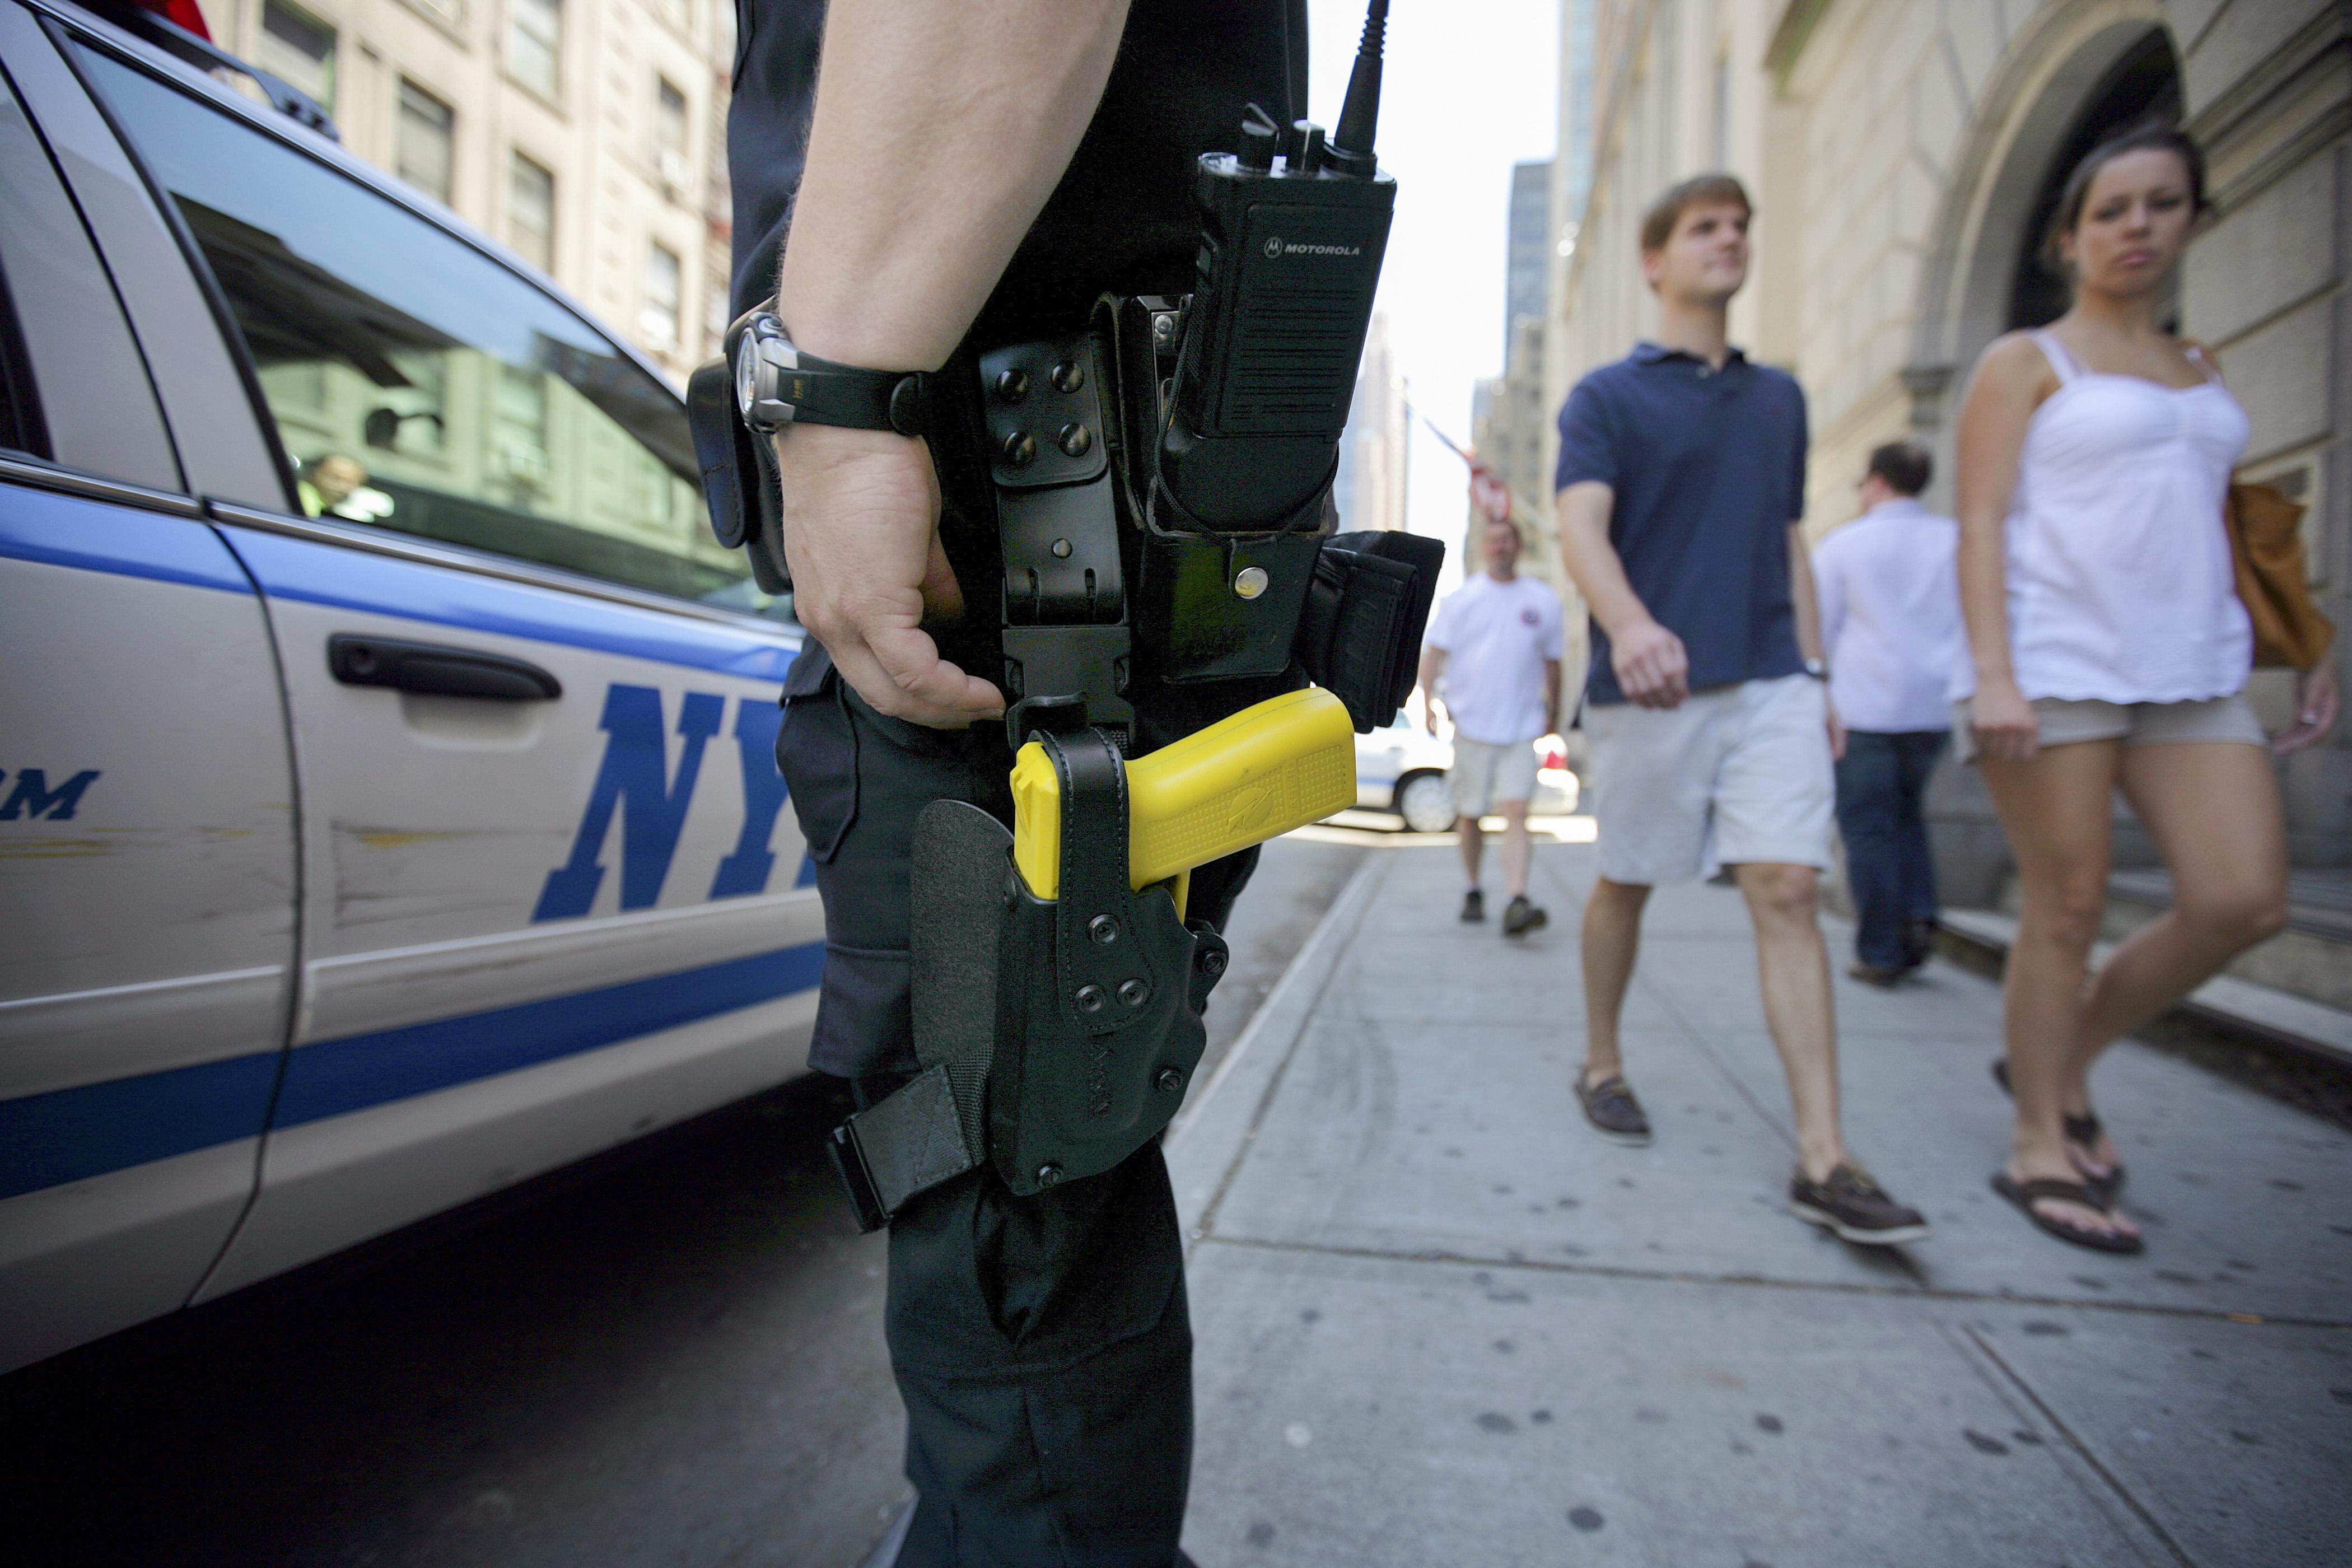 警隊現有7425支電擊槍,警員每次輪班都要進行借還。 Ashley Gilbertson/紐約時報